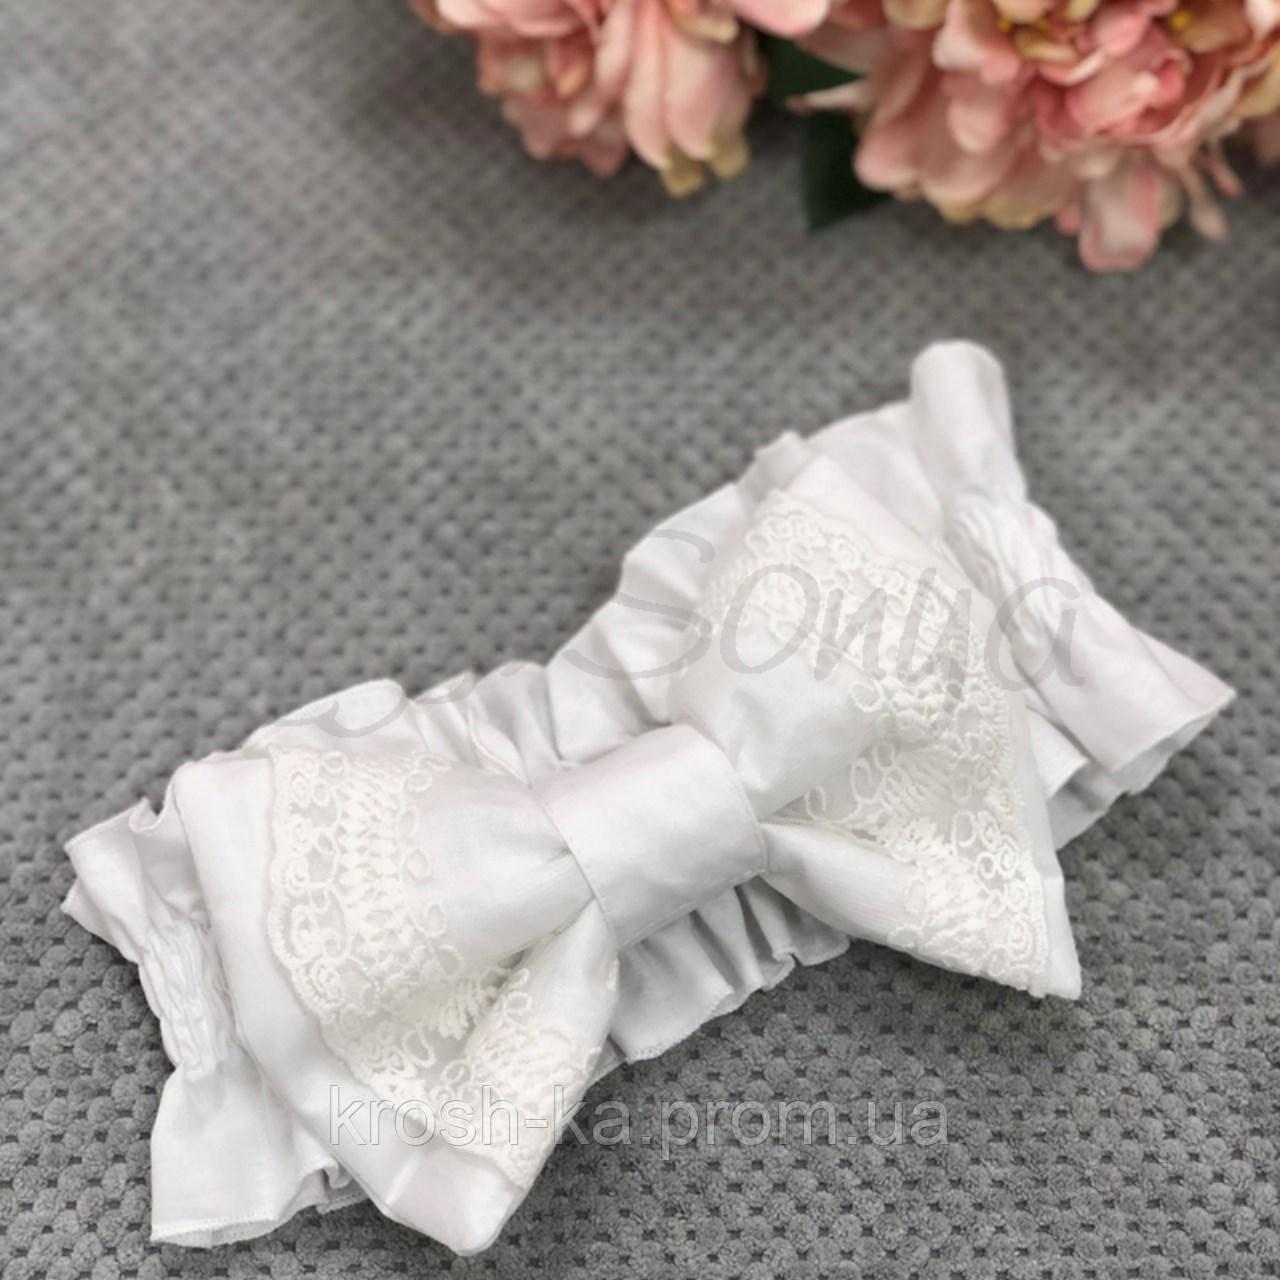 Бант универсальный на резинке с кружевом Маленькая Соня(Sonya) Украина белый,молочный 890032